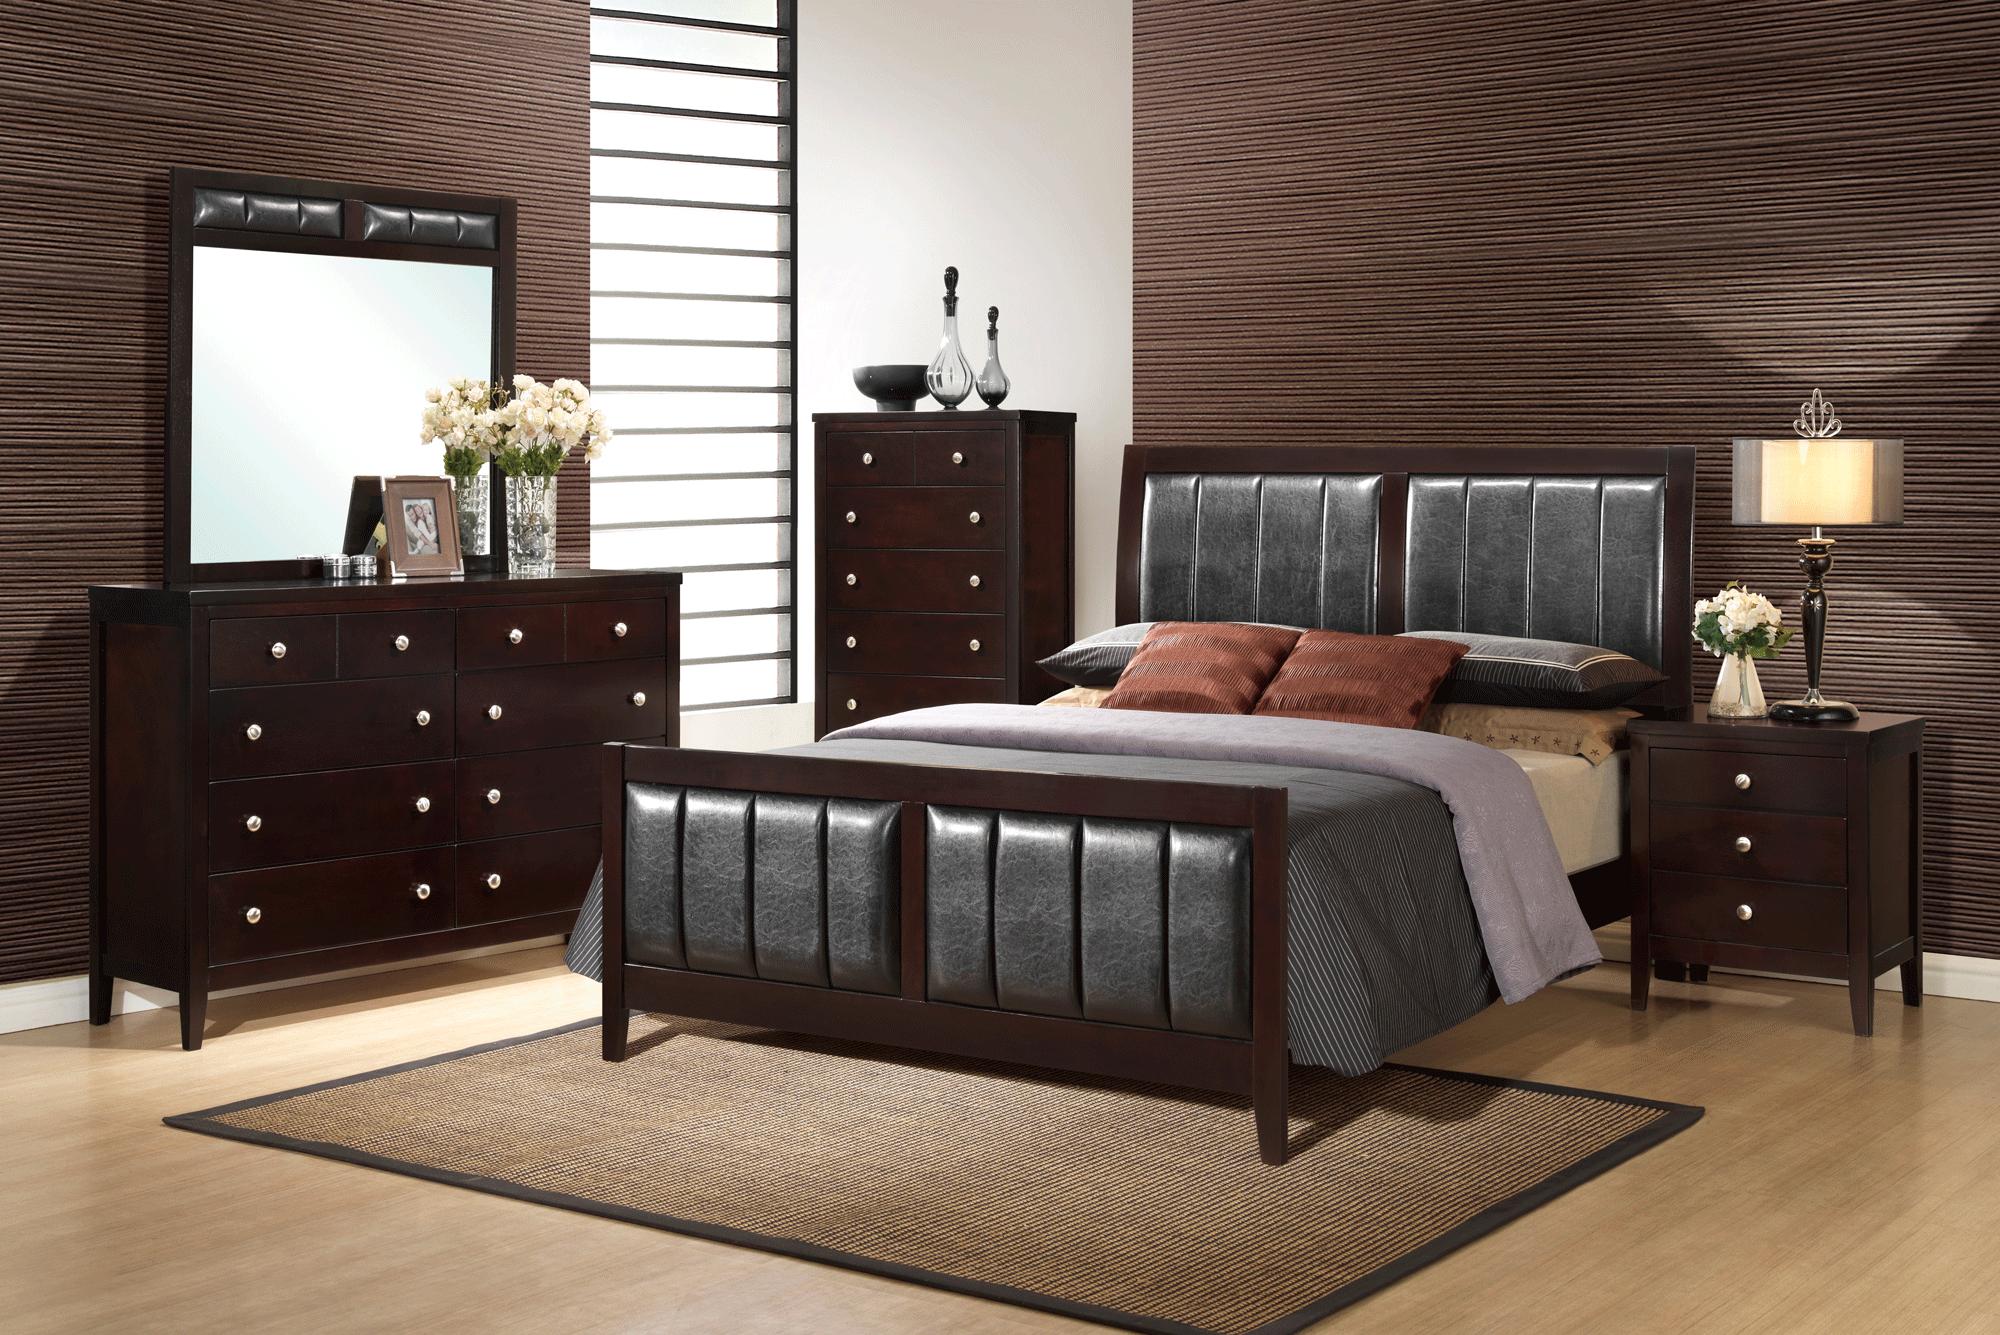 Rosa Antique Black Bedroom Set by Global Furniture